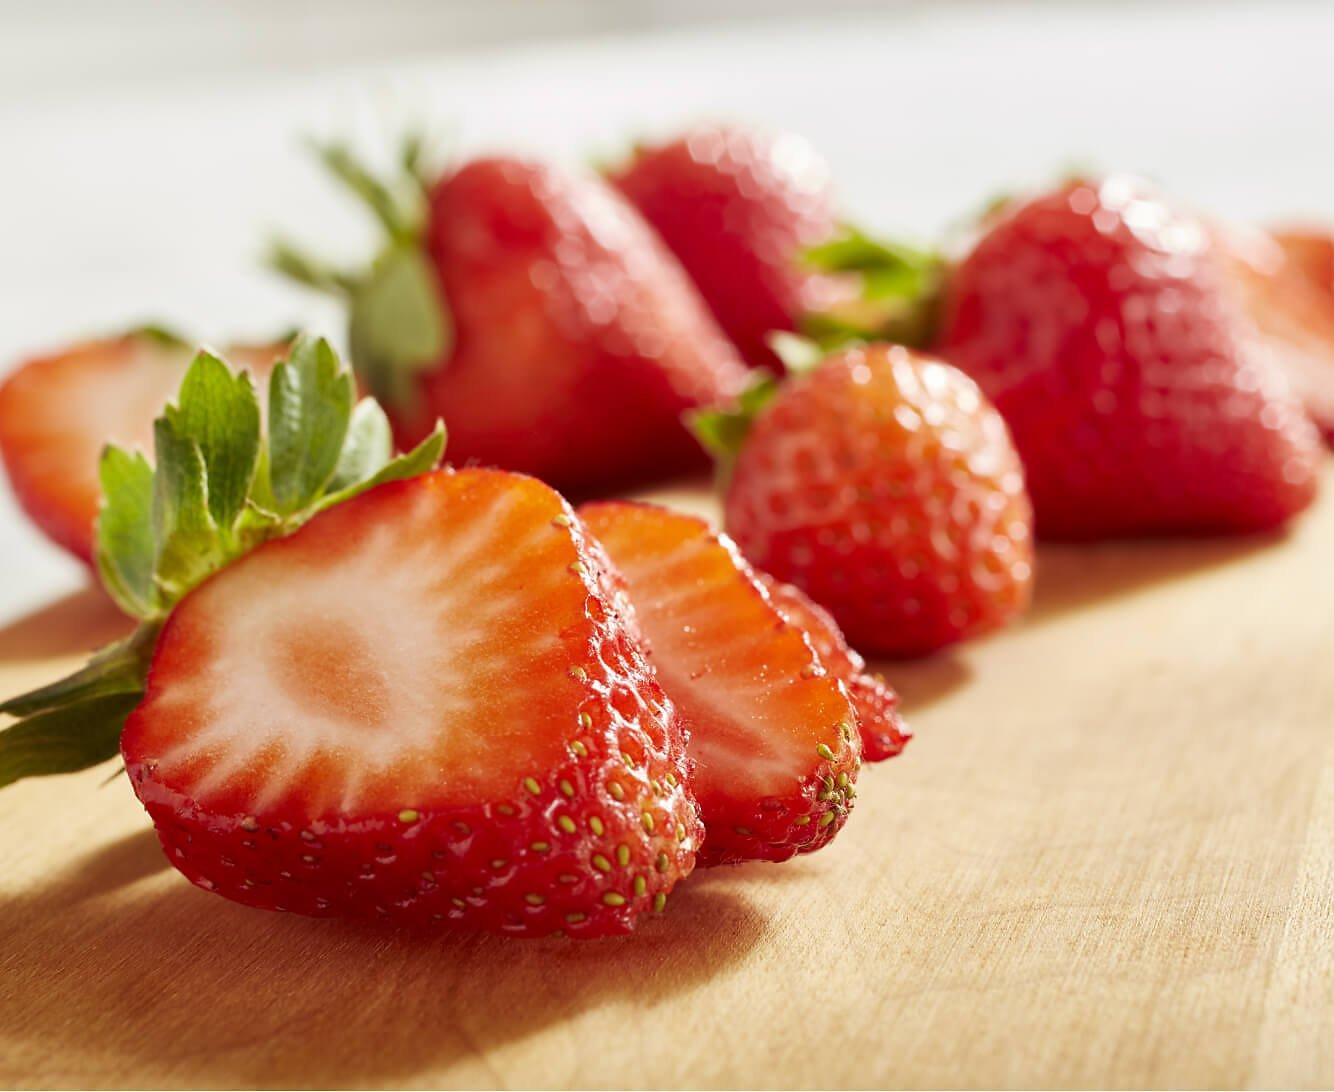 Freshly cut strawberries.